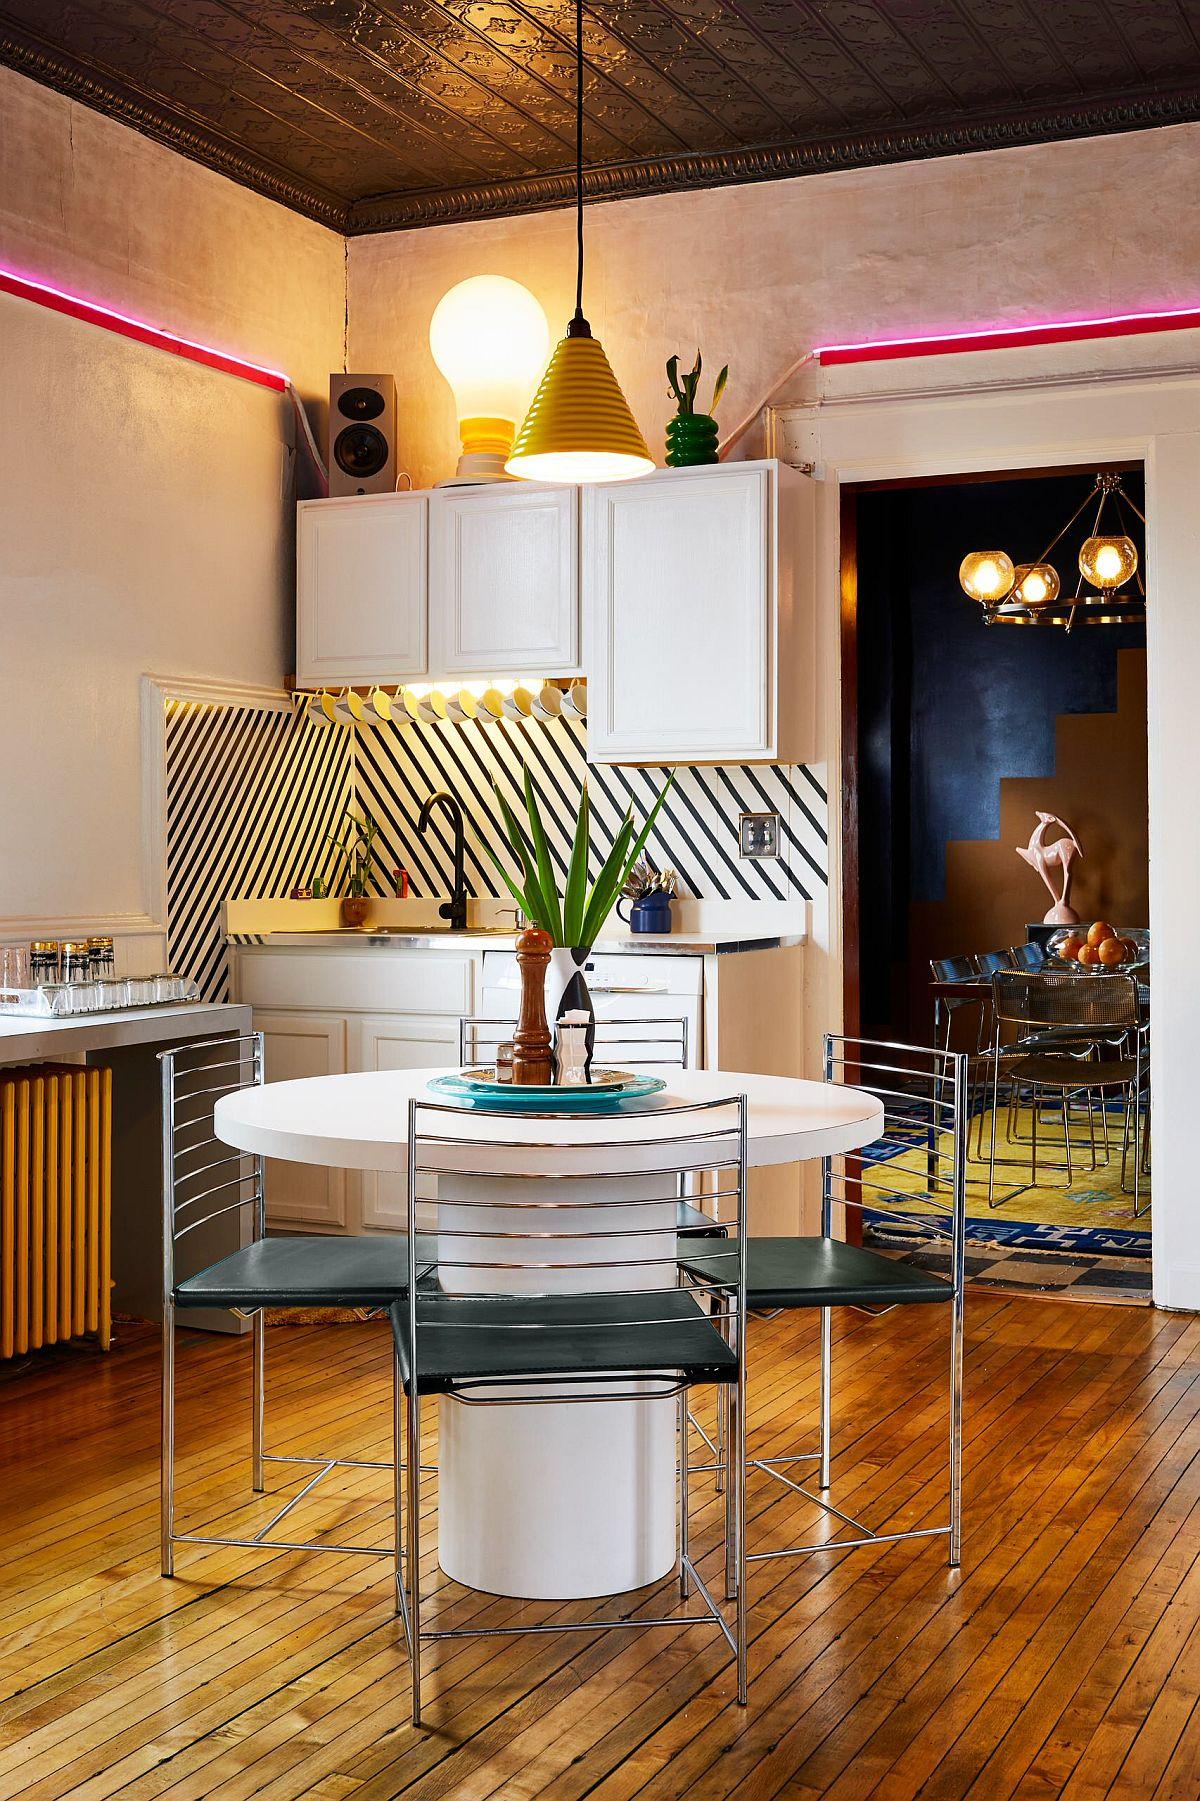 Ngắm những căn bếp nhỏ đầy màu sắc, đẹp đến mức làm xiêu lòng bất cứ ai - Ảnh 11.